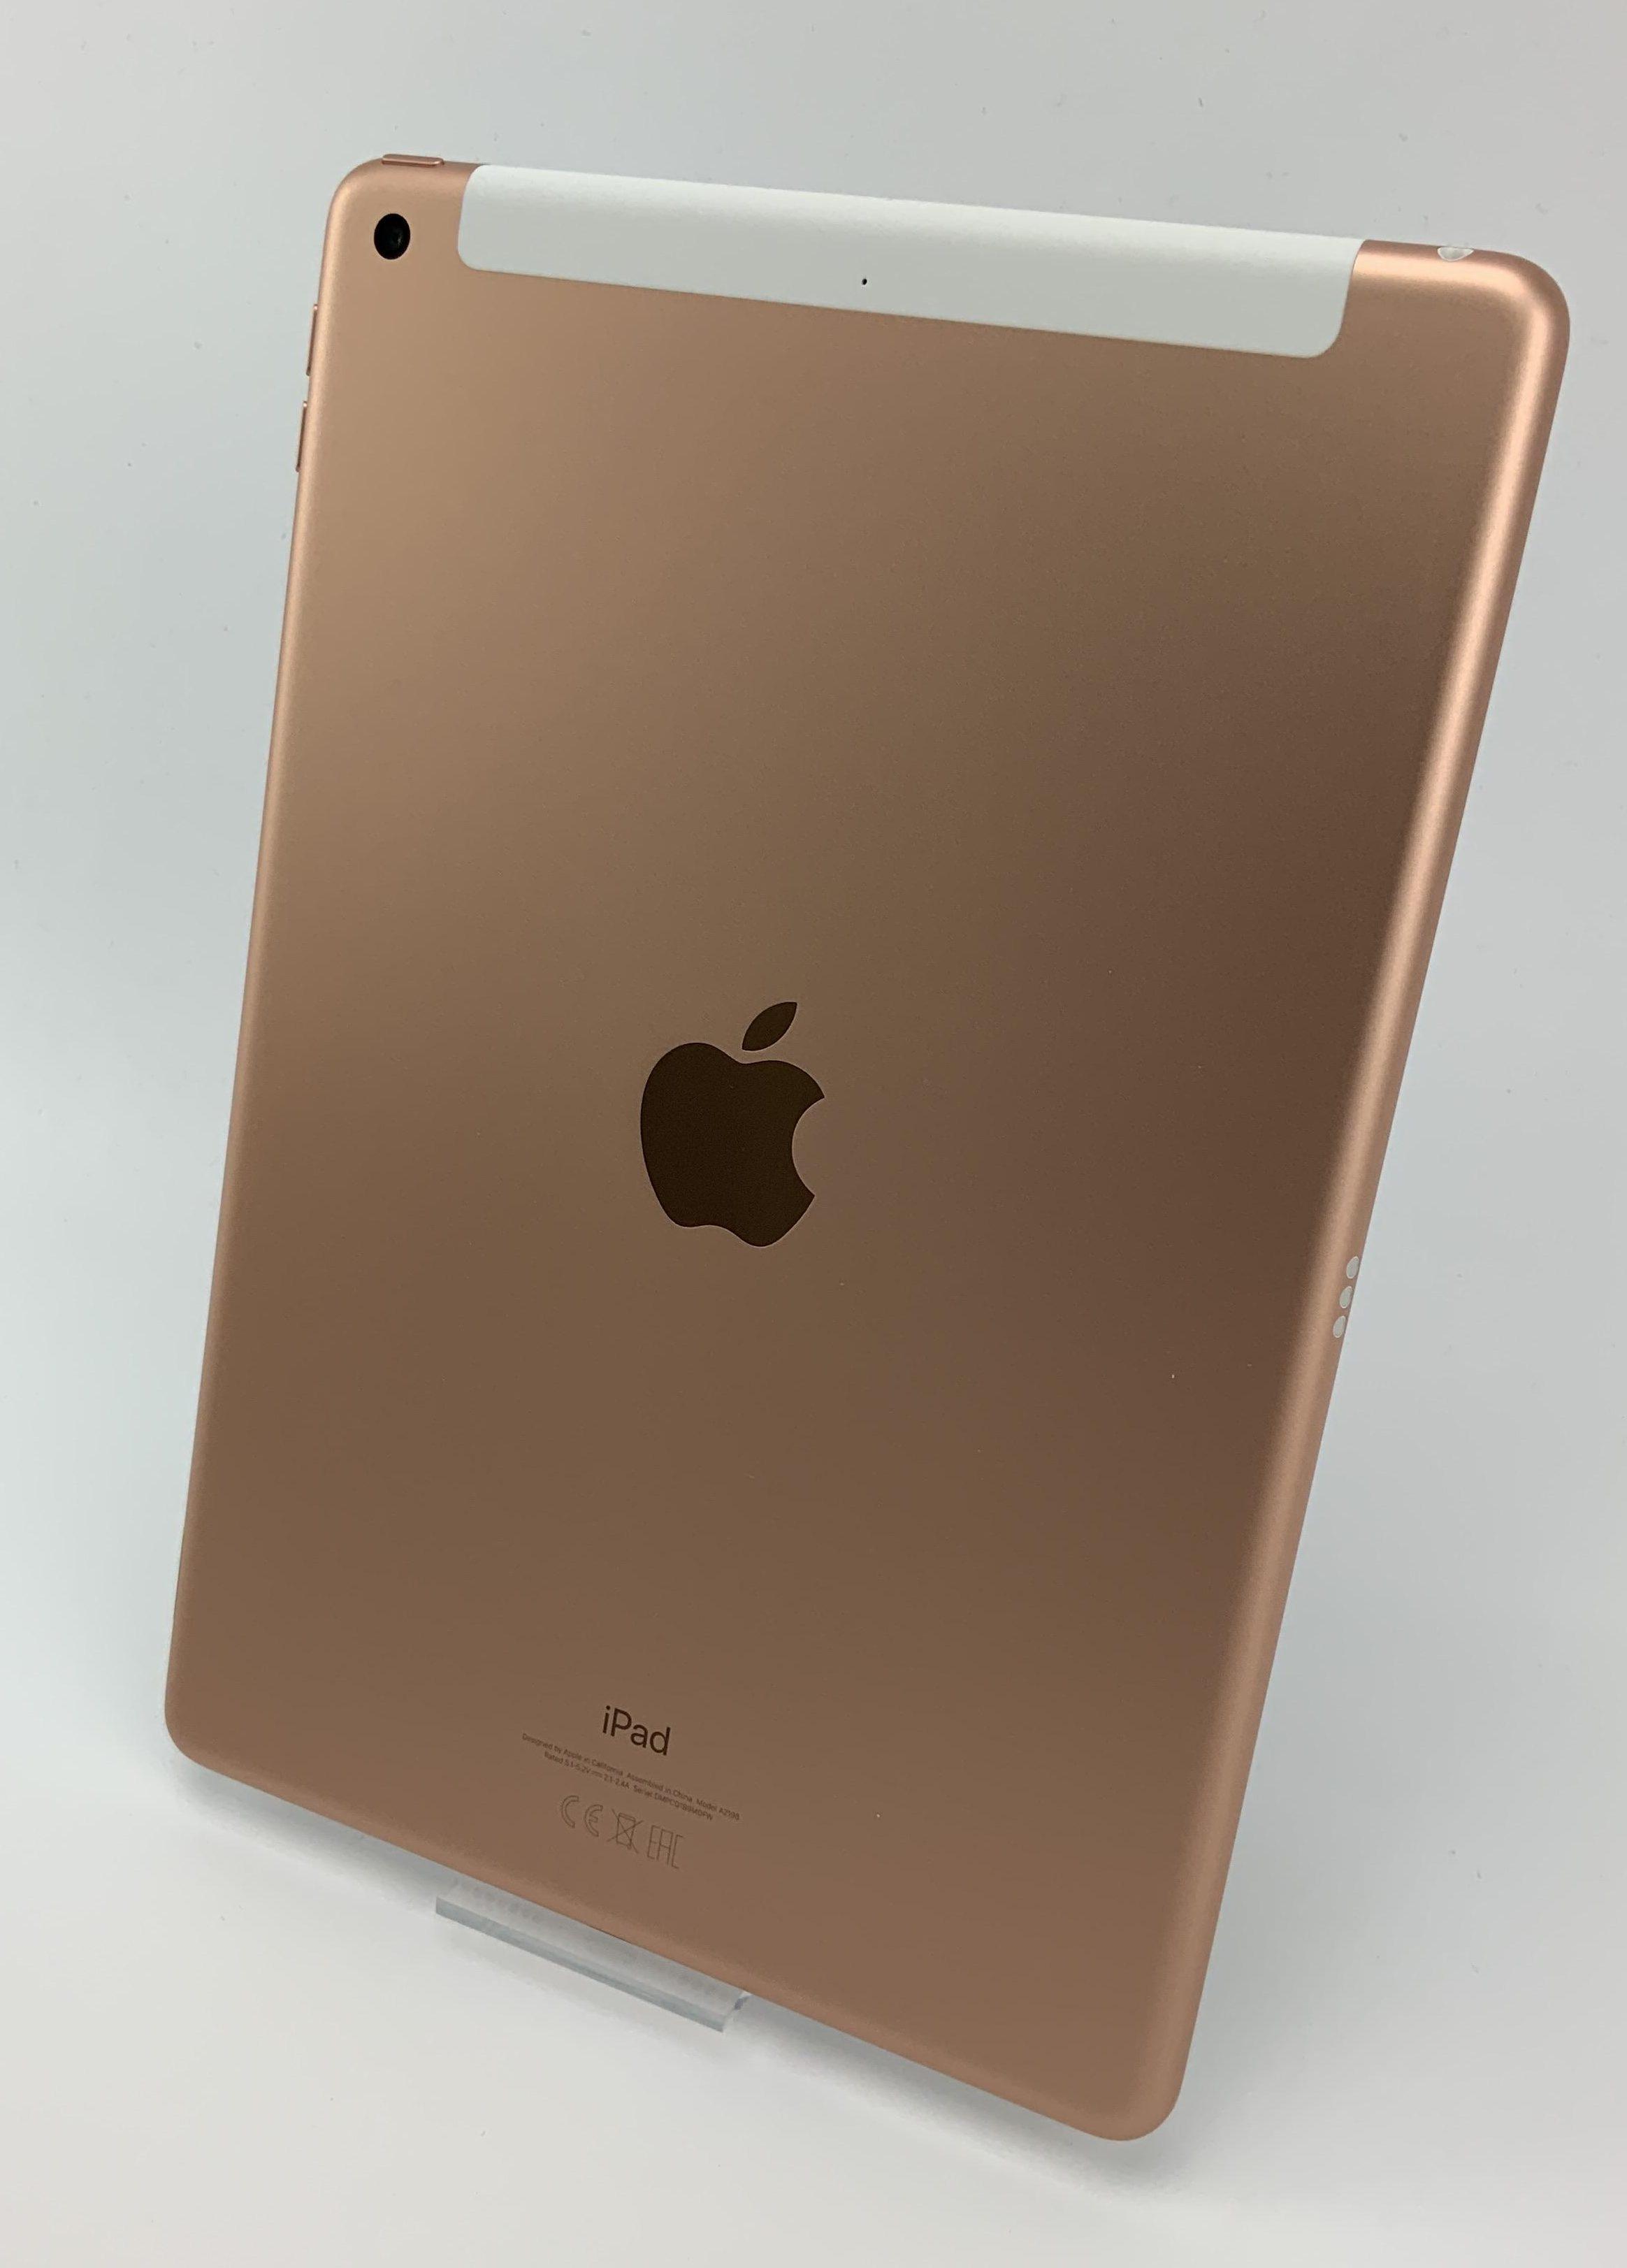 iPad 7 Wi-Fi + Cellular 32GB, 32GB, Gold, image 2